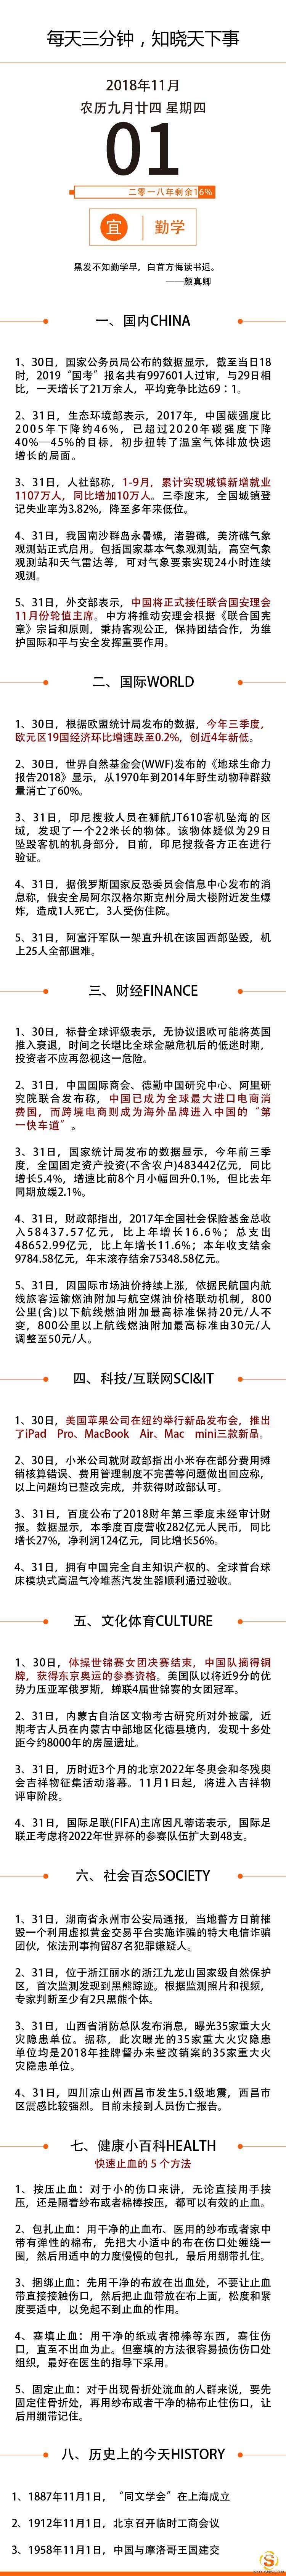 【网络营销顾问】2018年11月1日星期三国内外新闻资讯快报